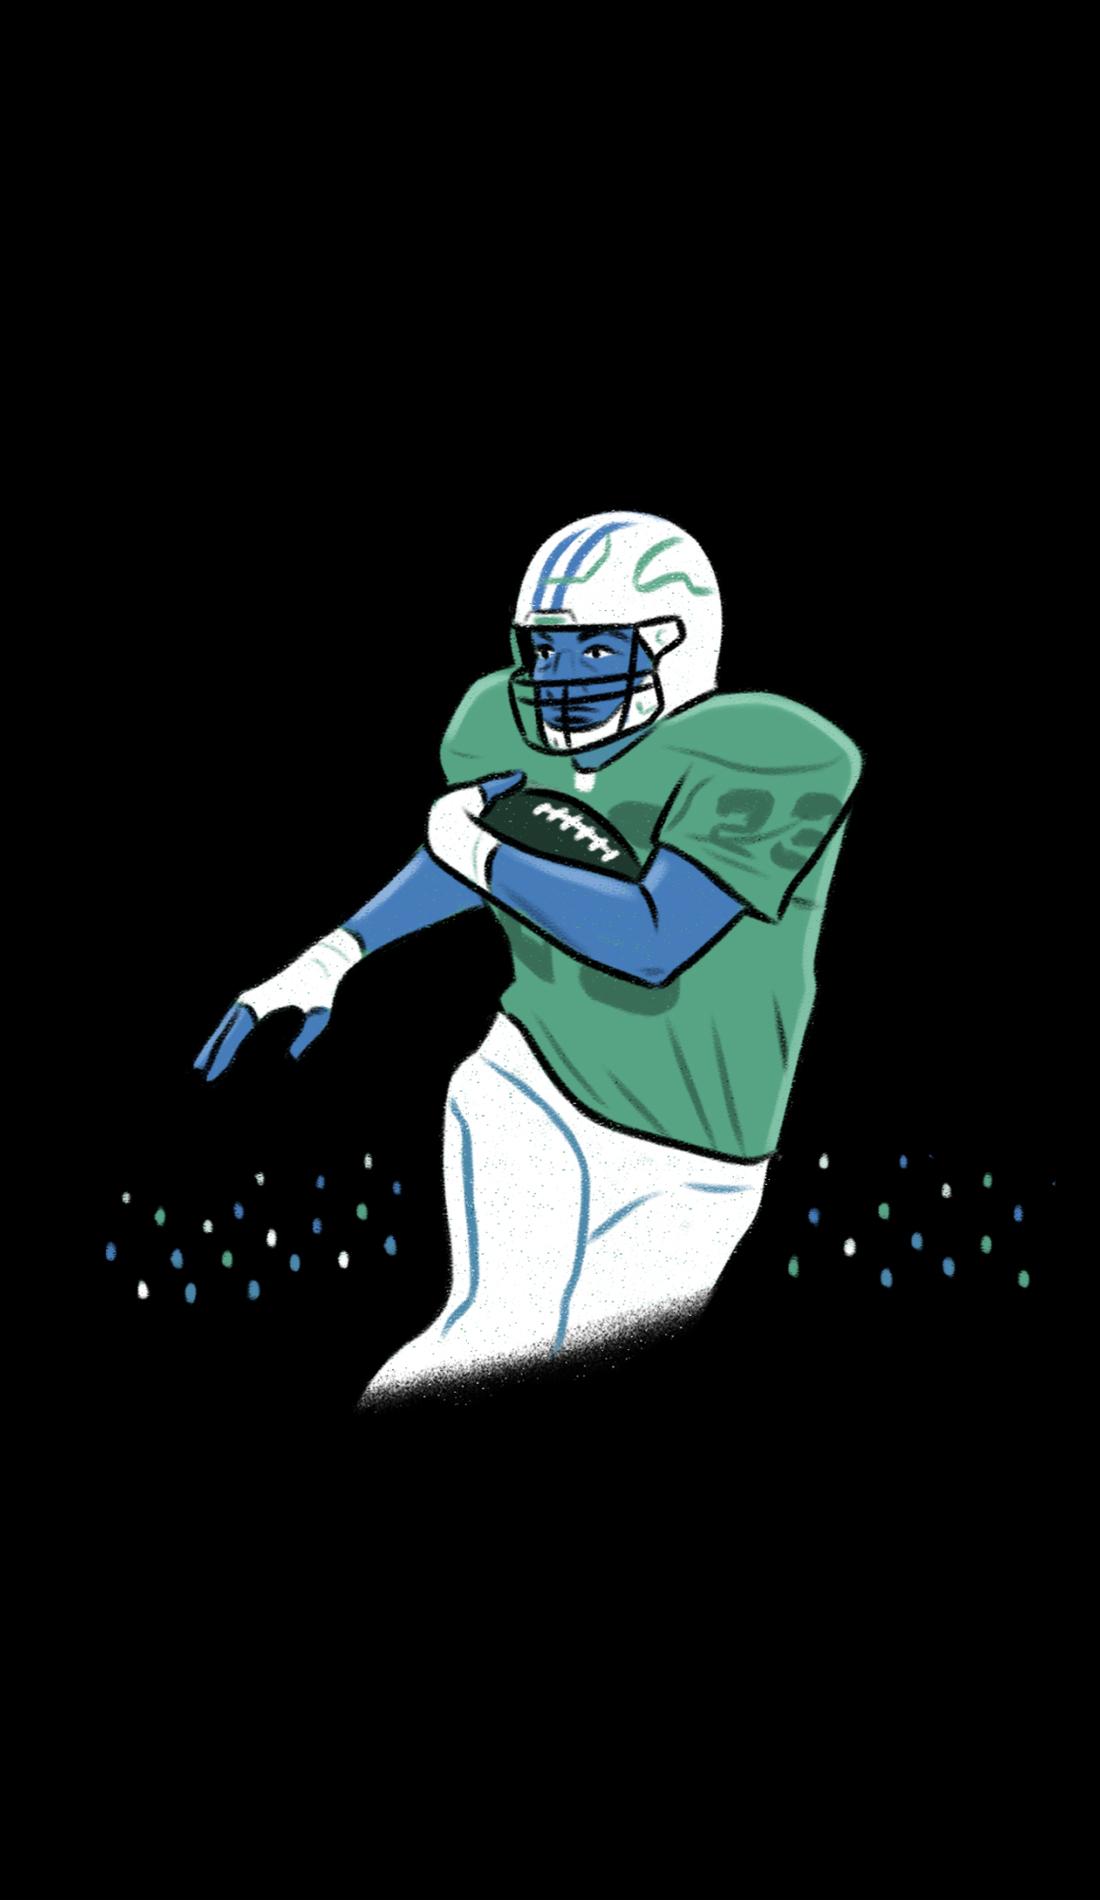 A Lehigh Mountain Hawks Football live event